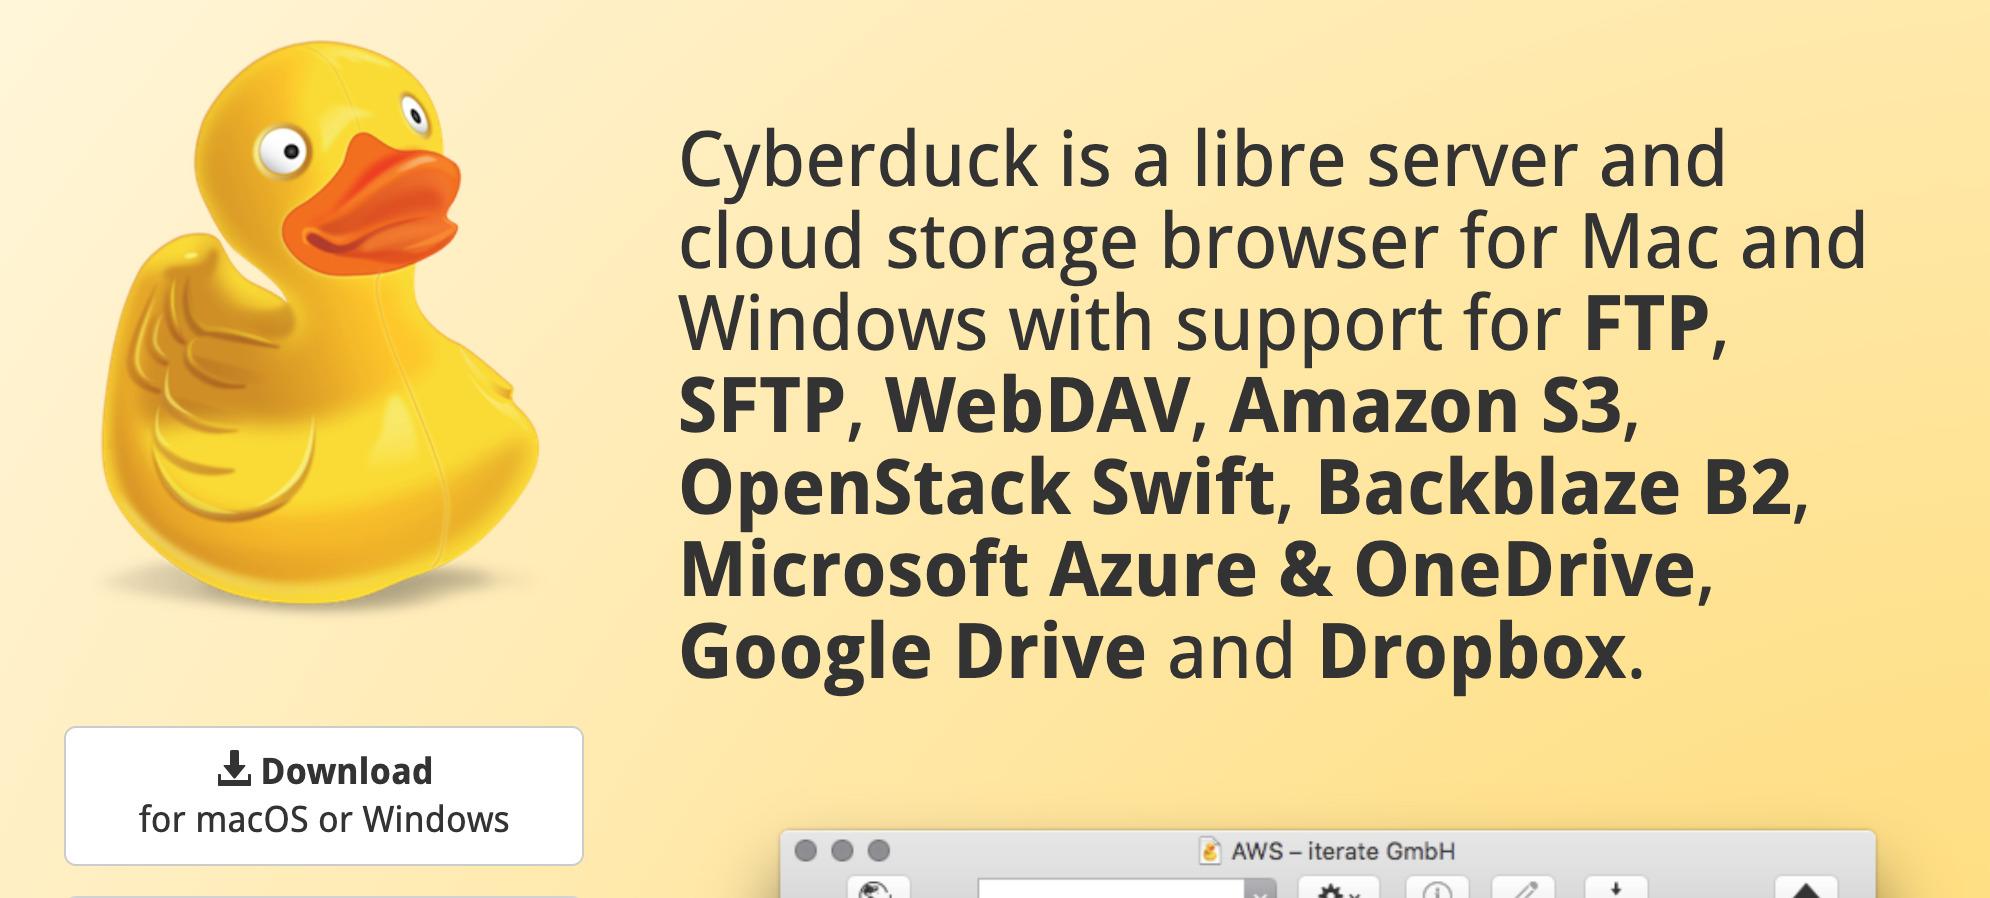 Cyberduckの画面